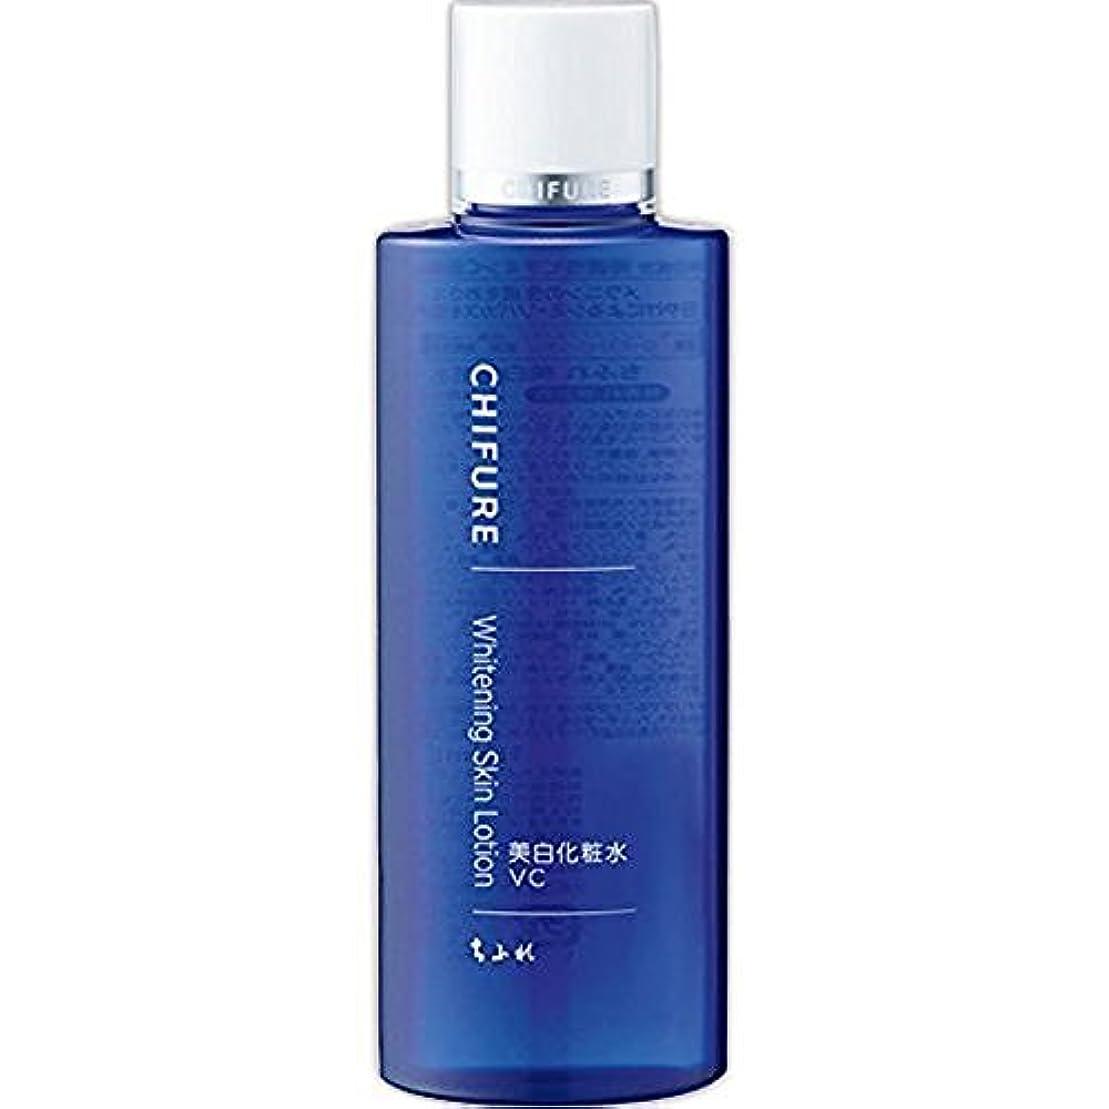 現金来てテントちふれ化粧品 美白化粧水 VC 180ML (医薬部外品)